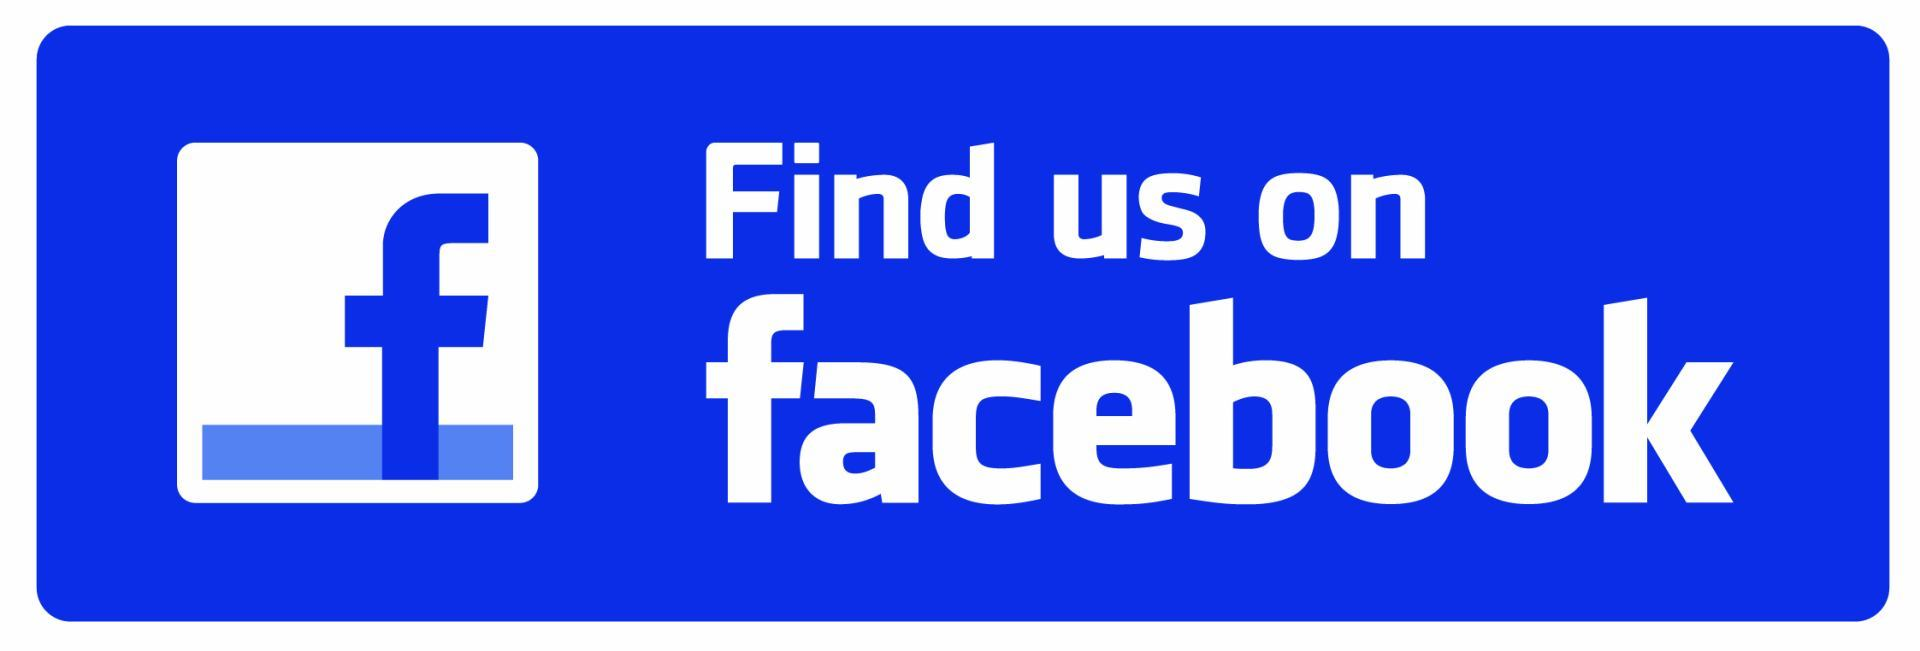 Visit Us On Facebook Logo.